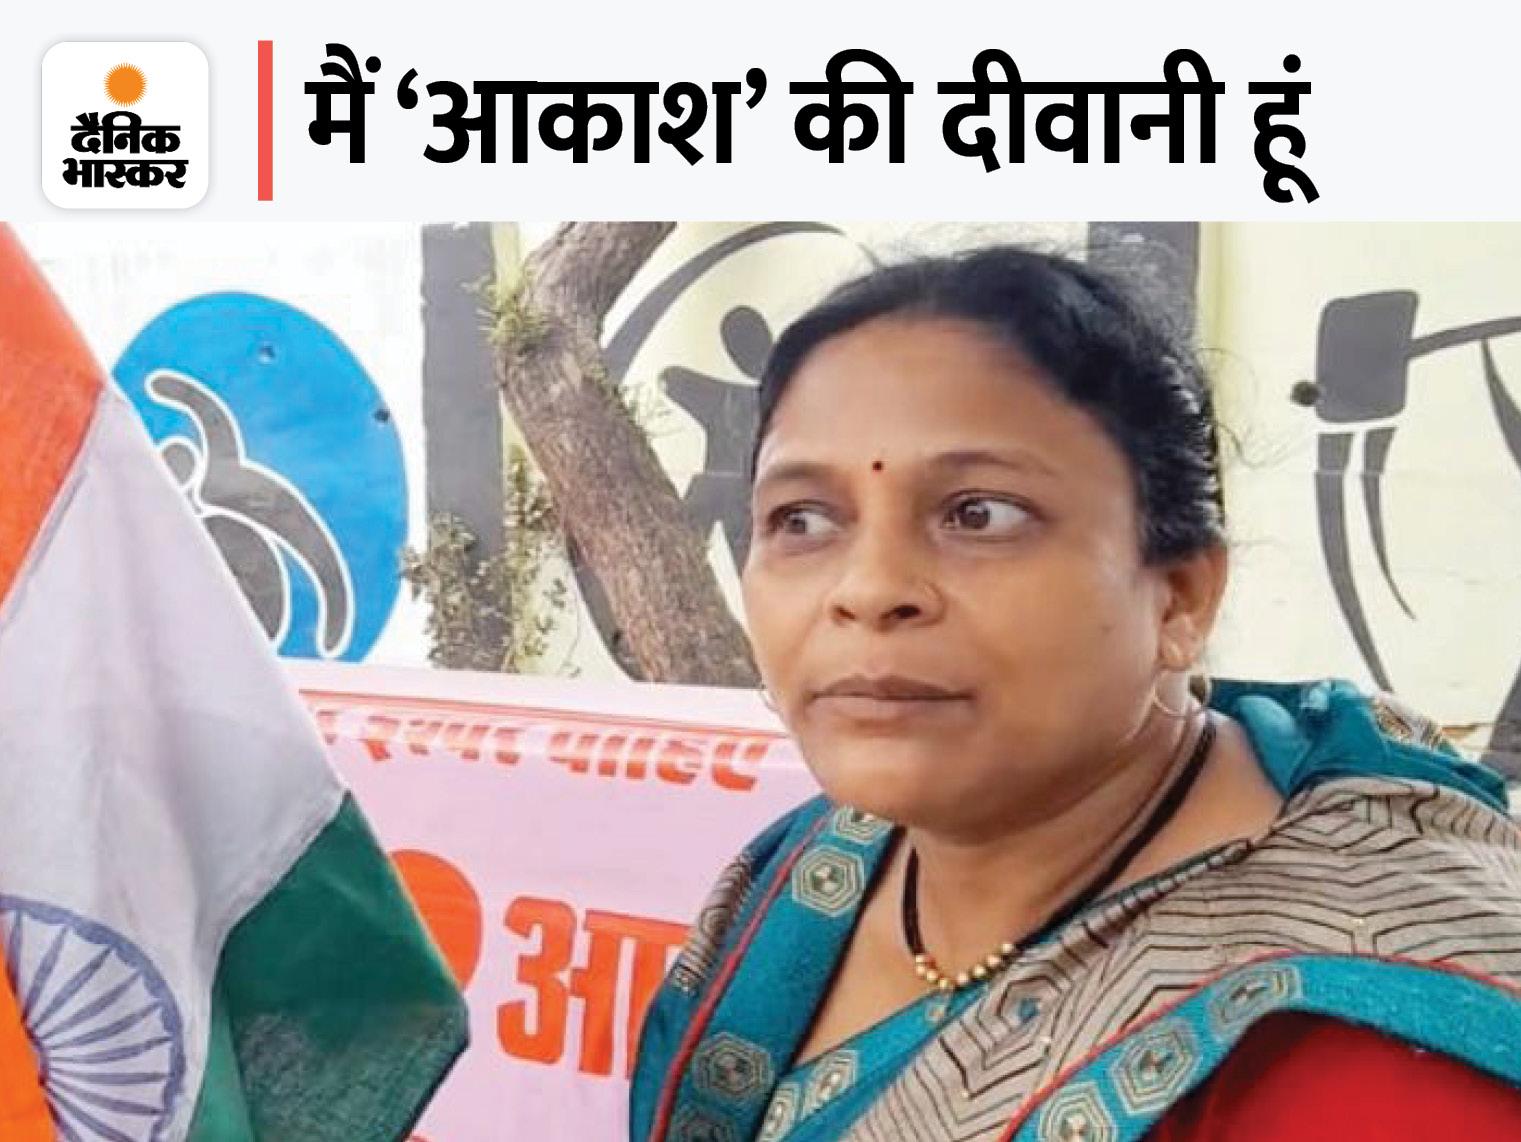 43 साल की महिला 11 साल छोटे शादीशुदा कॉन्स्टेबल को दिल दे बैठी, कहा- बचपन से उनका चेहरा दिखता था, कॉन्स्टेबल बोला- मैं नहीं जानता दमोह,Damoh - Dainik Bhaskar